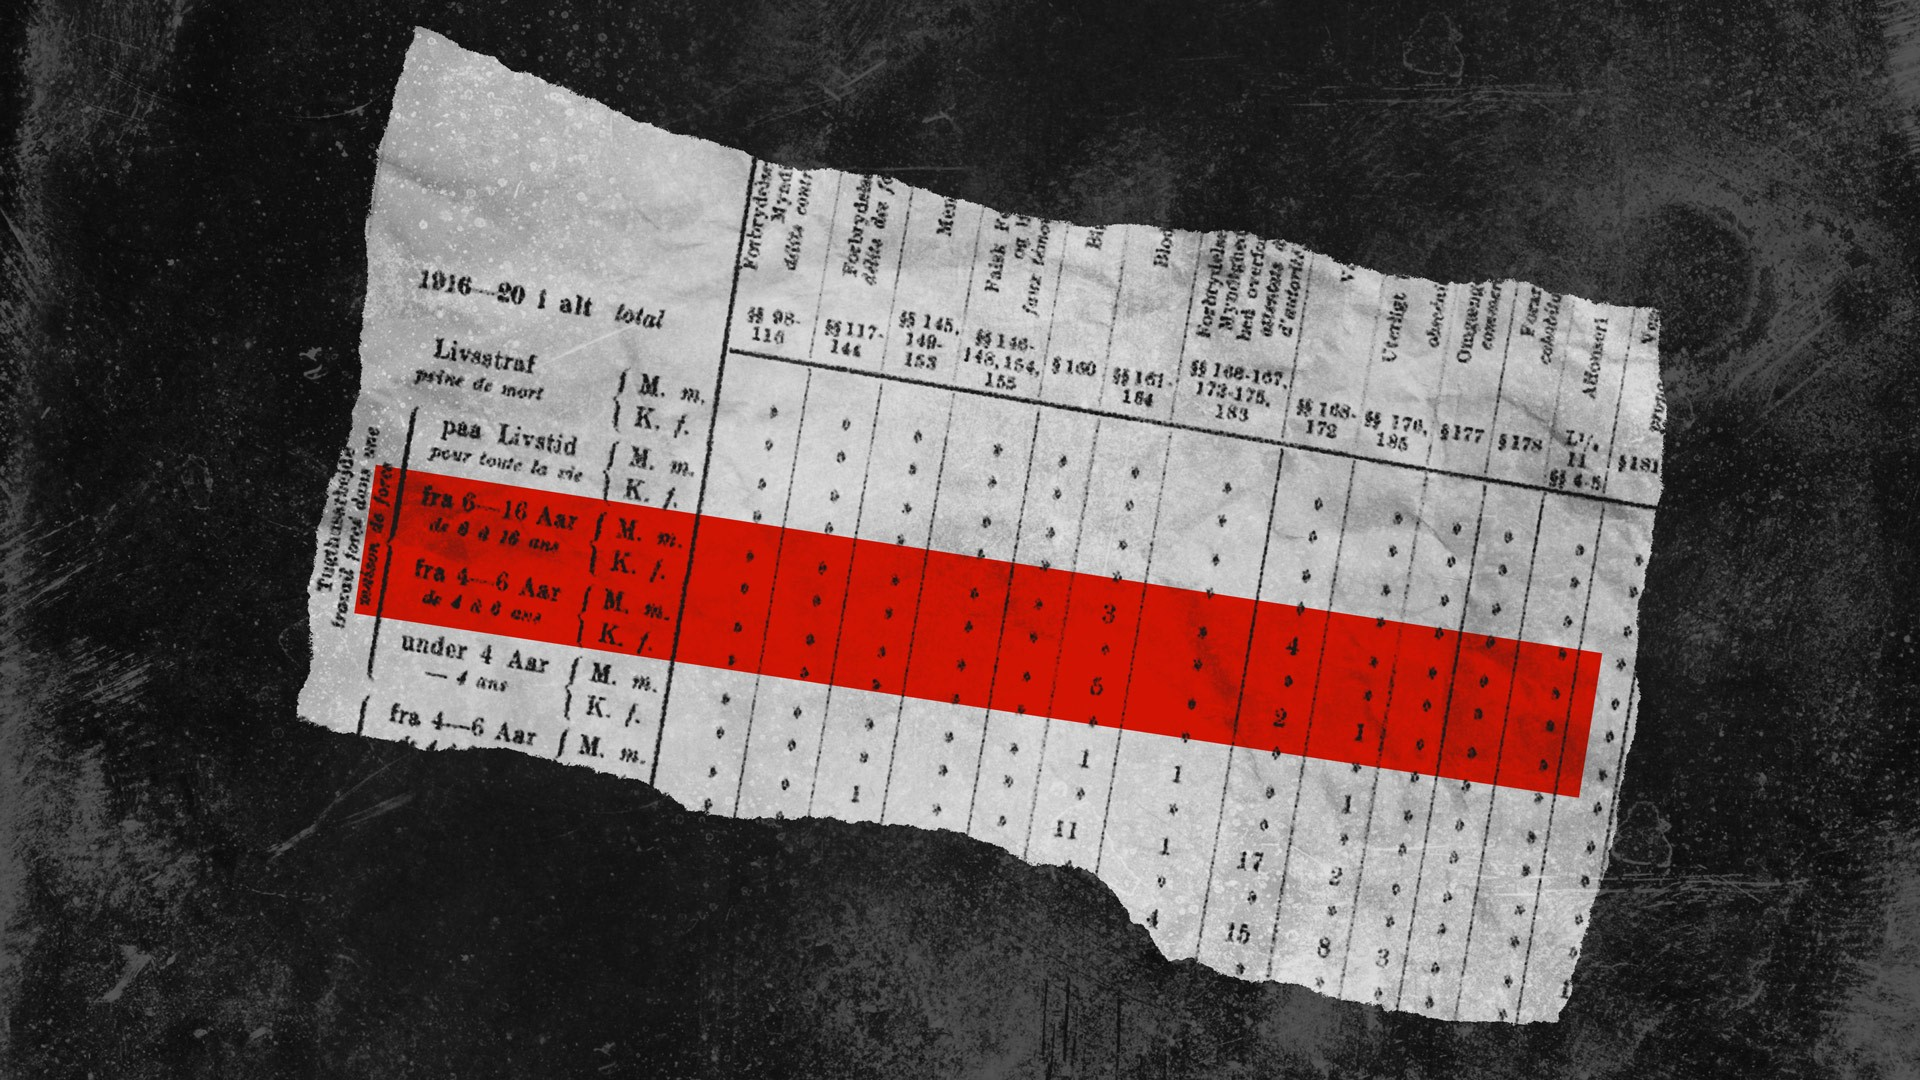 Domme fra drab gennem mere end 150 år: Sådan har Databaseredaktionen skabt overblik | Sådan ...